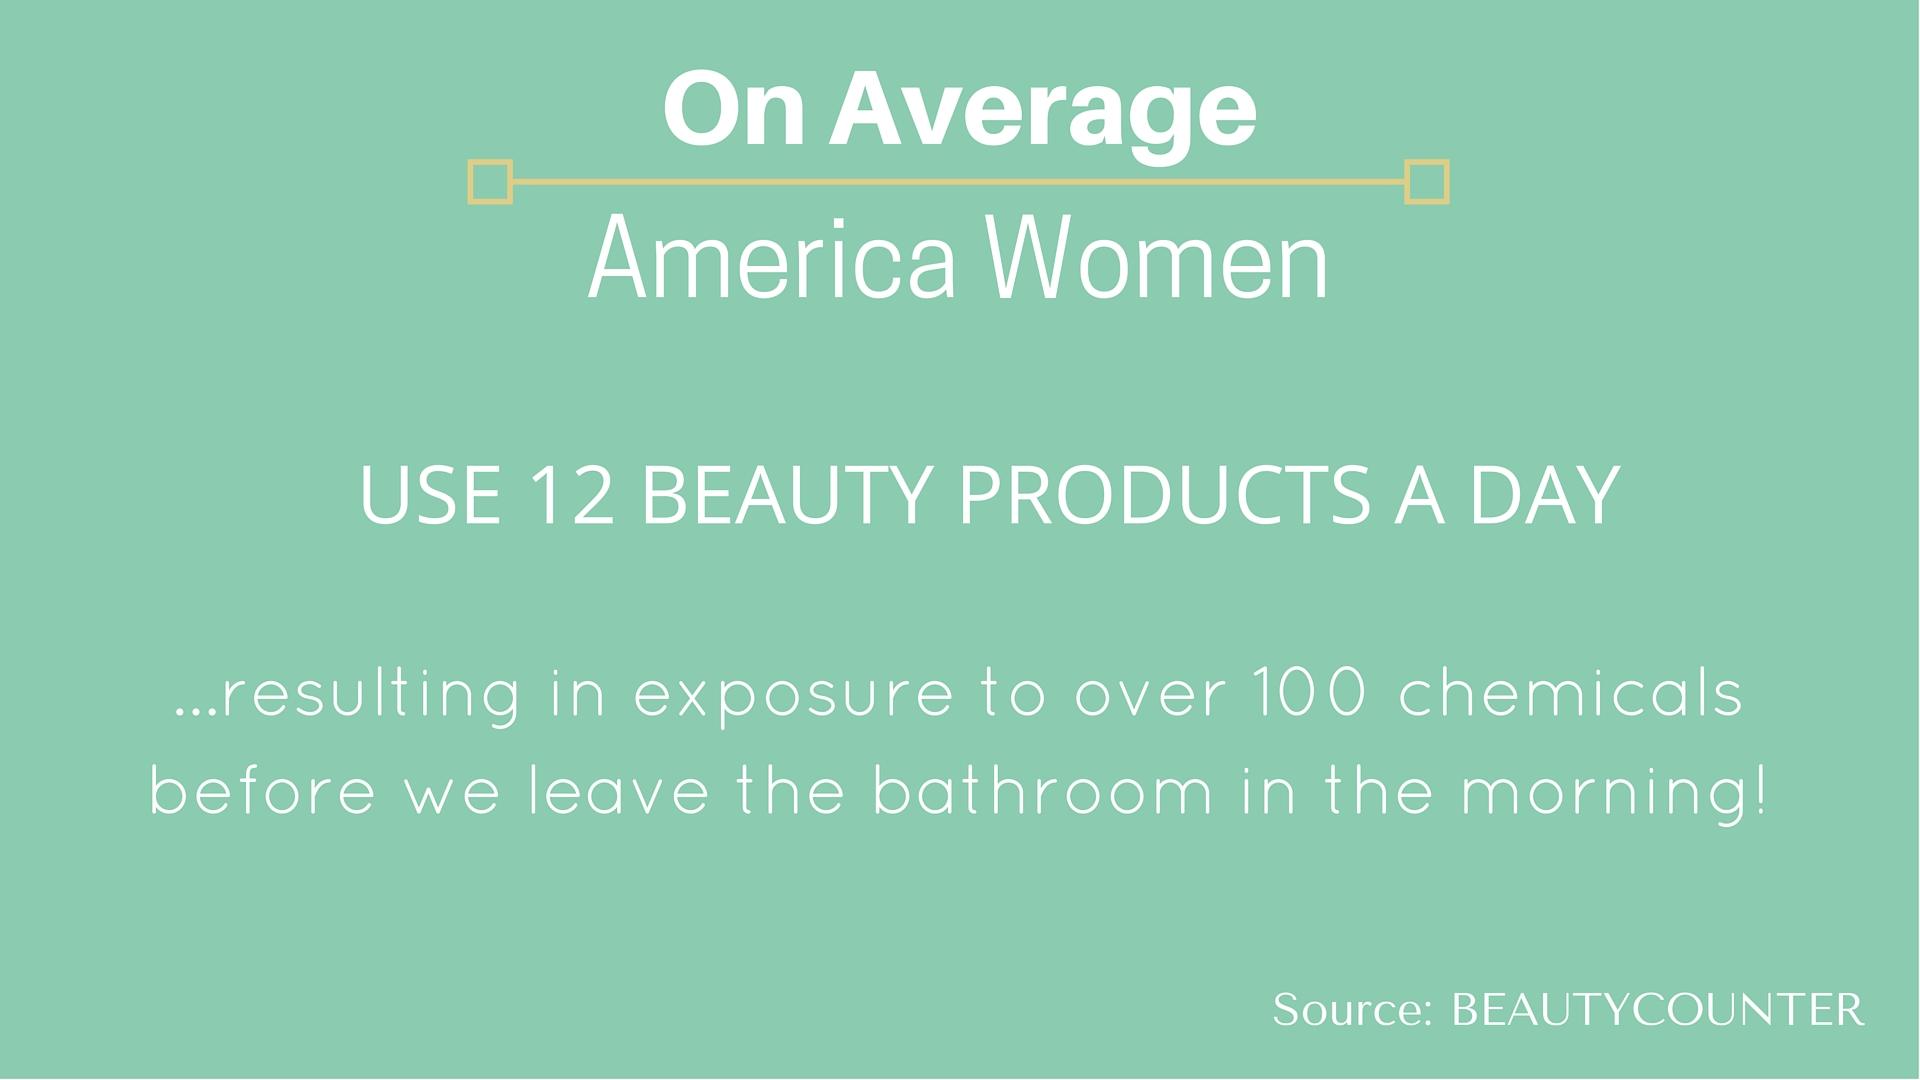 6 Beauty Slide -on average.jpg